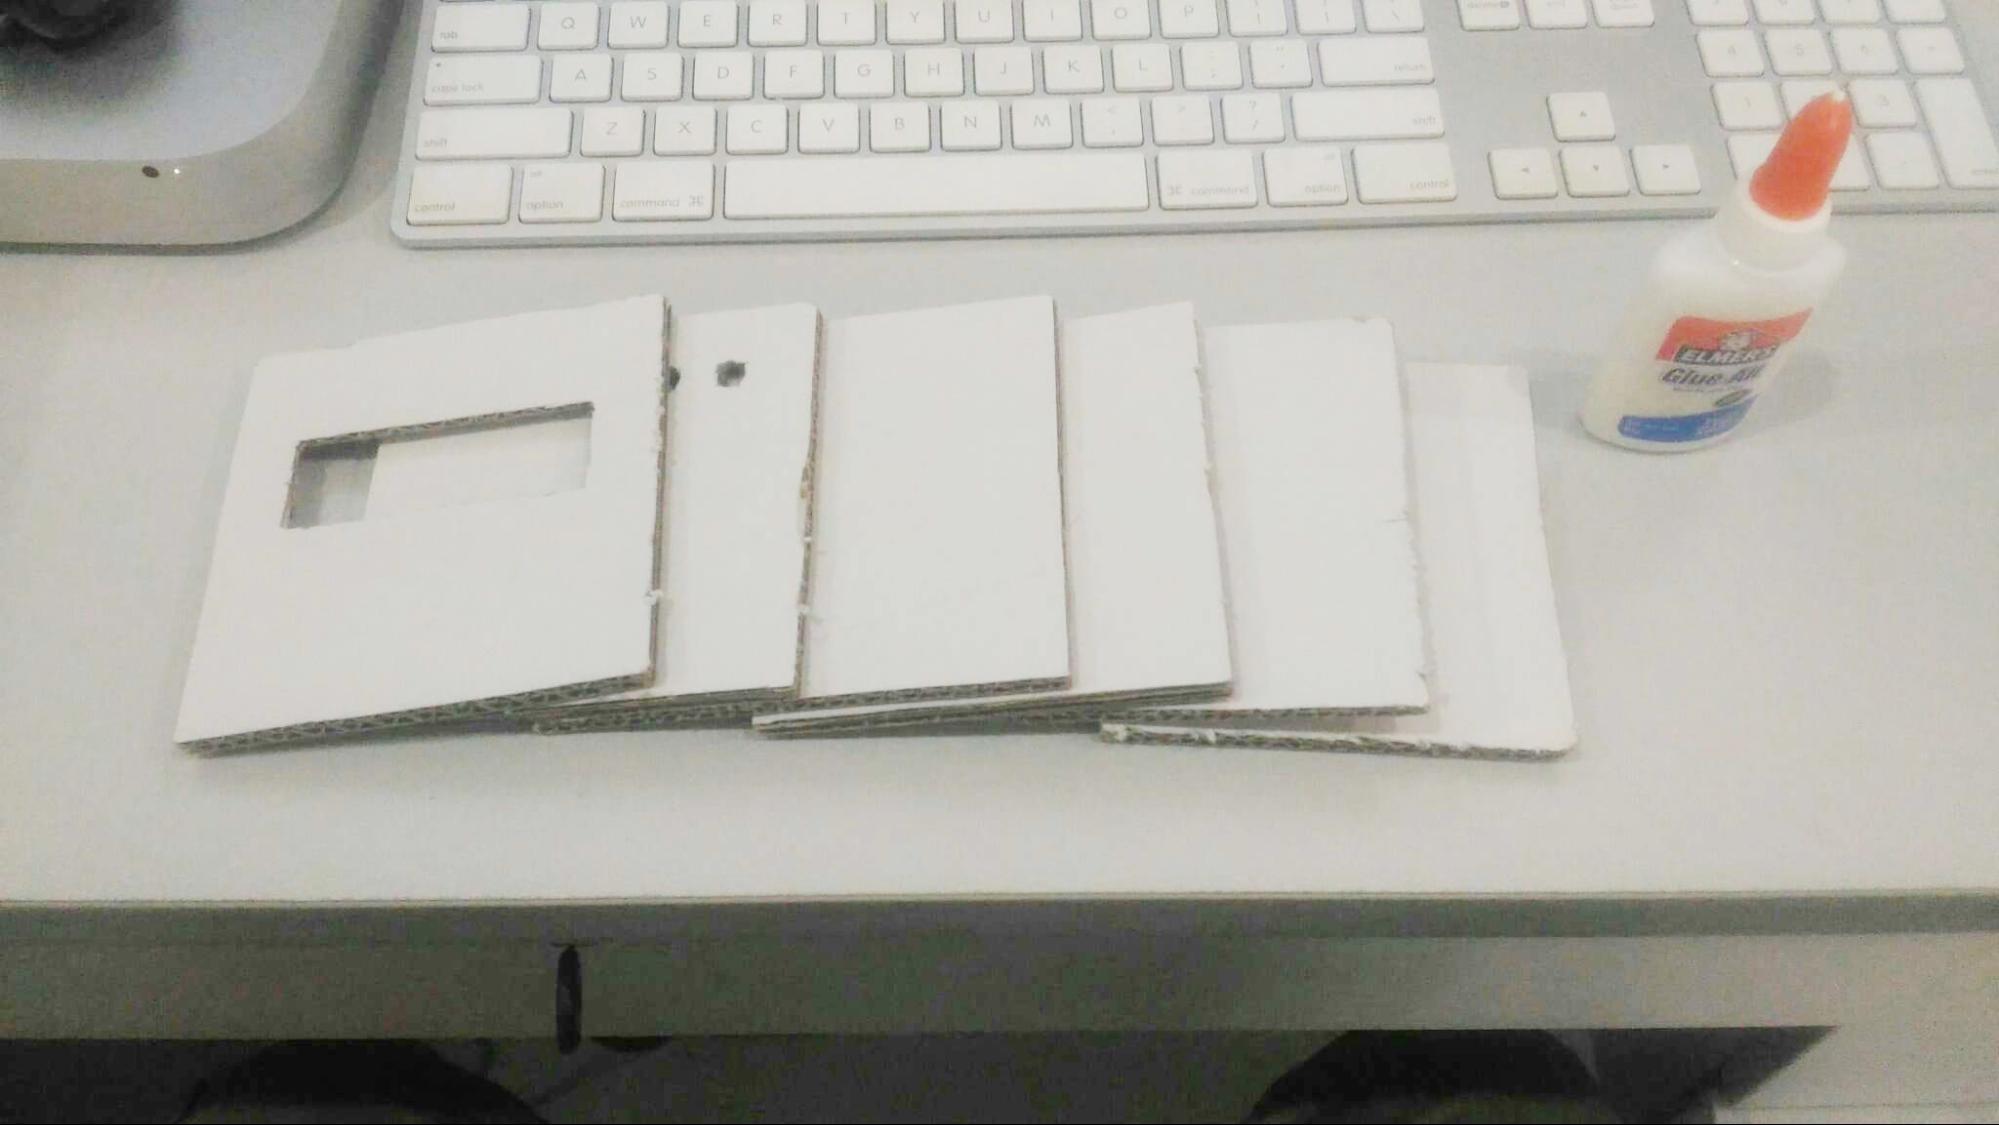 casing materials